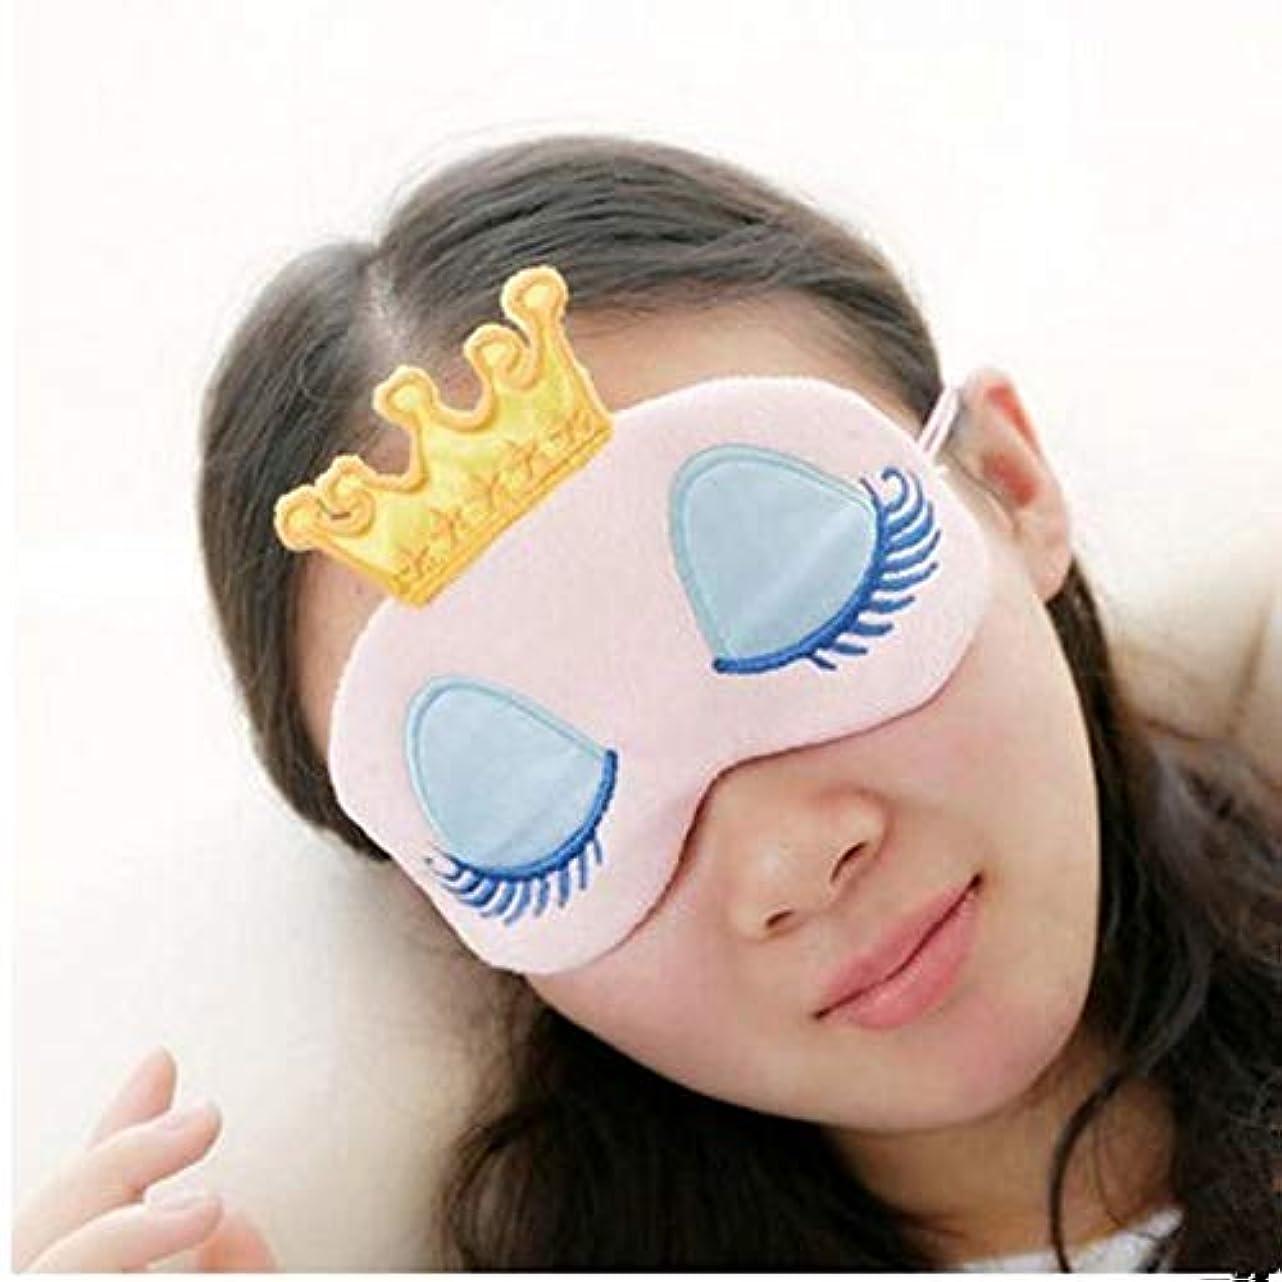 発症敵ランプNOTE 2ピース/ロットアイフェイスマスク睡眠マスク目隠しアイシェード旅行睡眠アイエイドカバーゴーグルナップアイシェードラブリートラベルアイパッチ